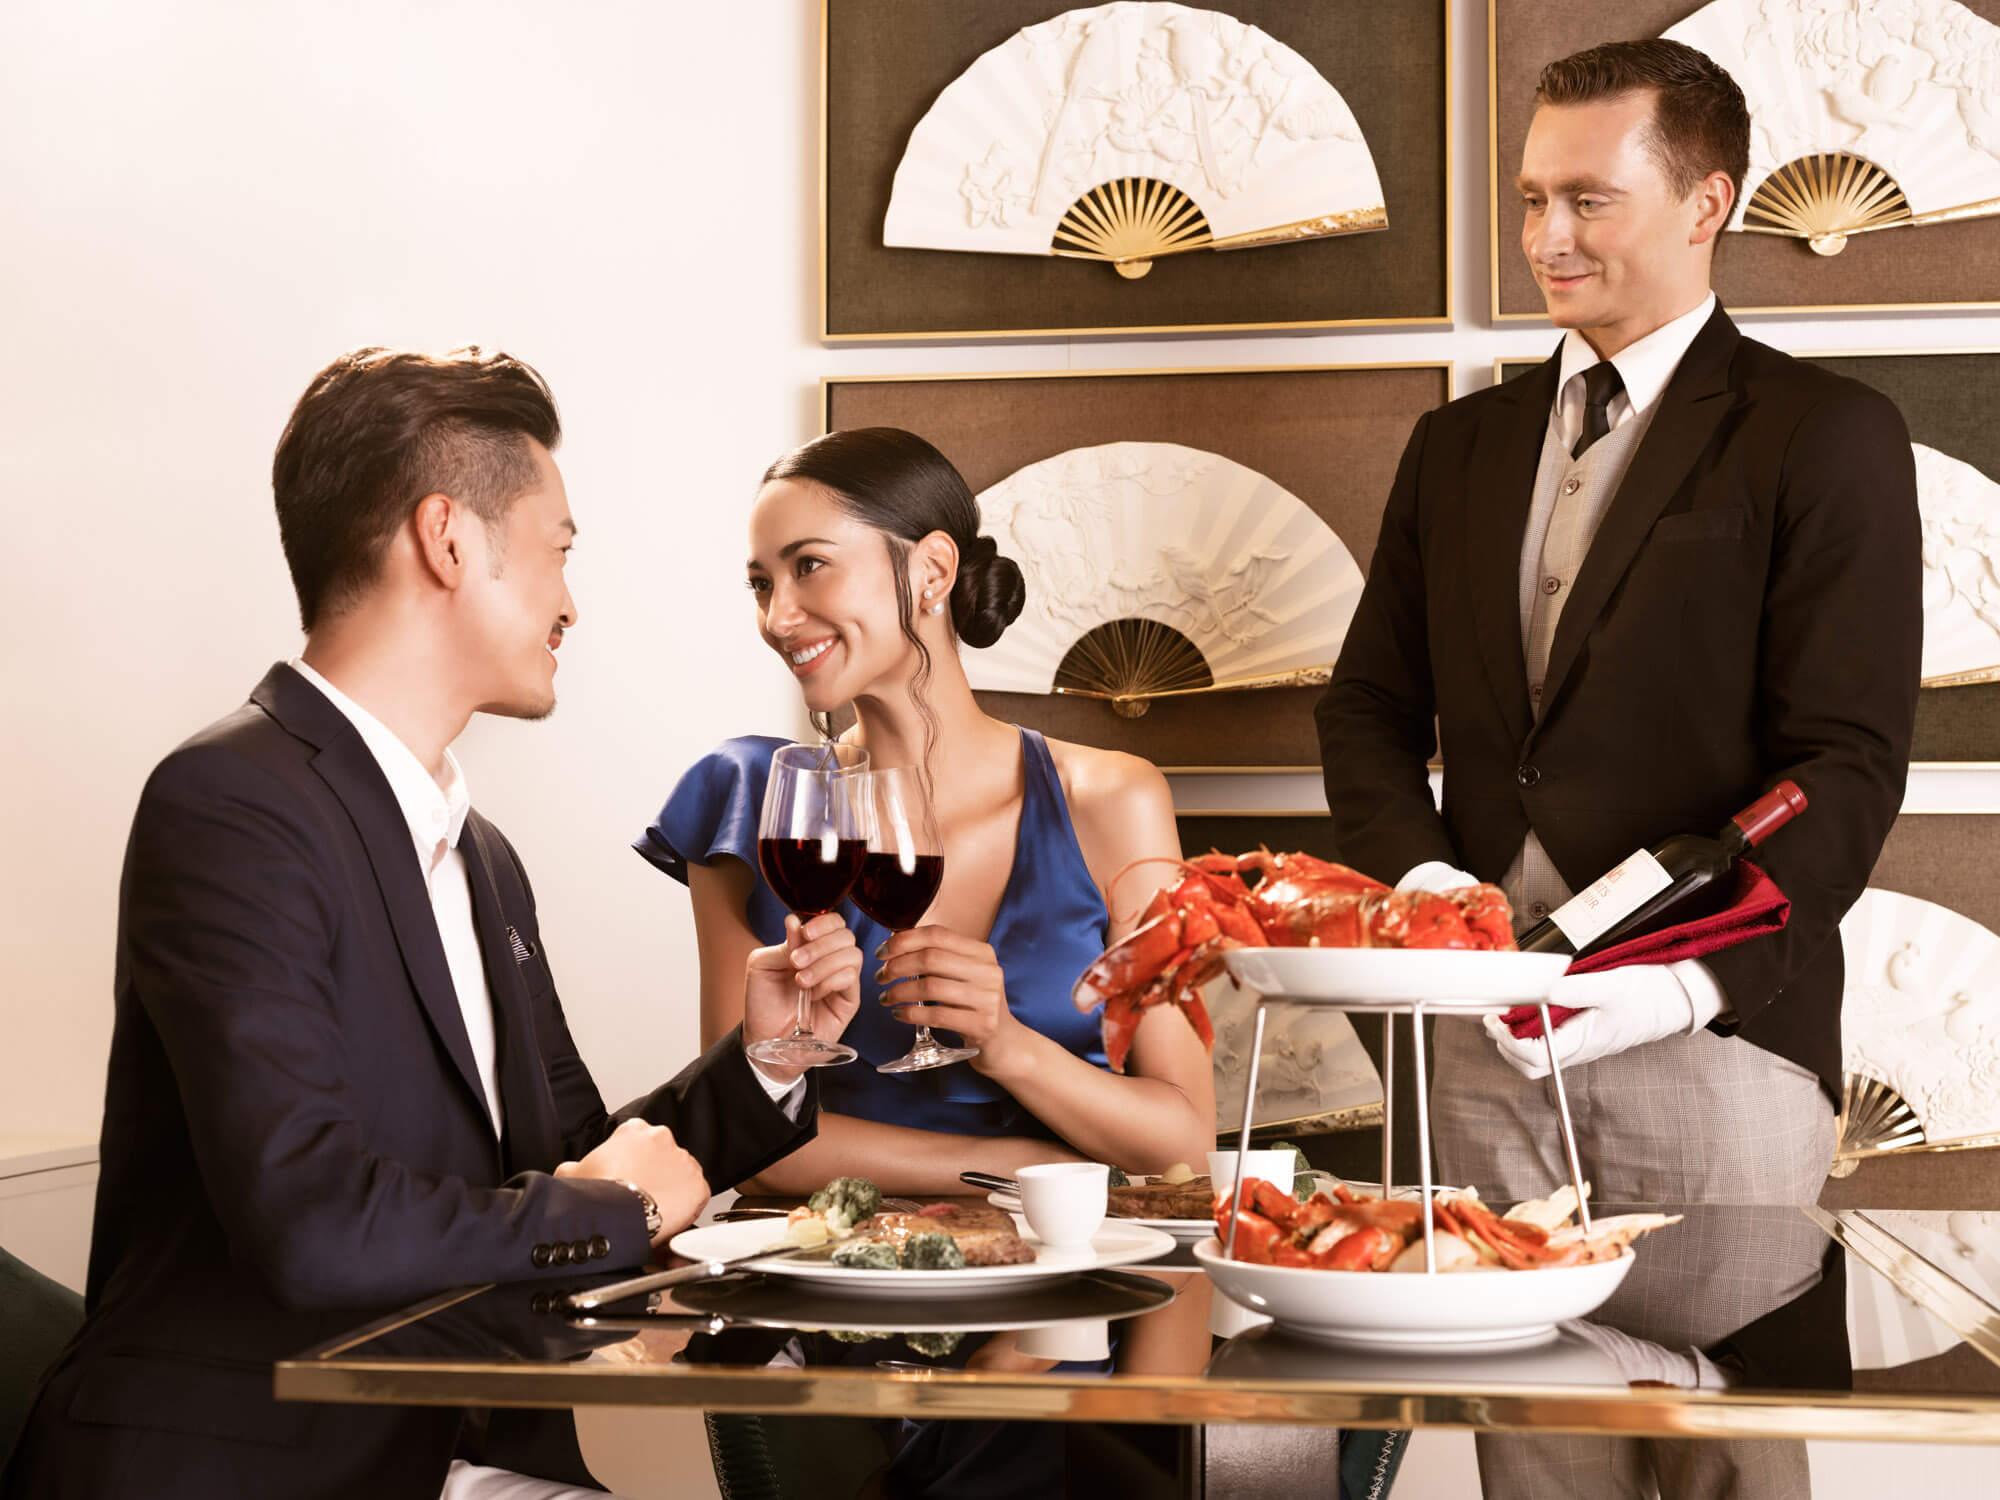 對於旅遊愛好者來說,品嘗美食是出遊體驗中不可或缺的一環,是次「星夢饗宴」,可讓旅客在享受「郵輪環島遊」同時,能夠透過味蕾暢遊歐洲,一解對暢遊世界的渴望。